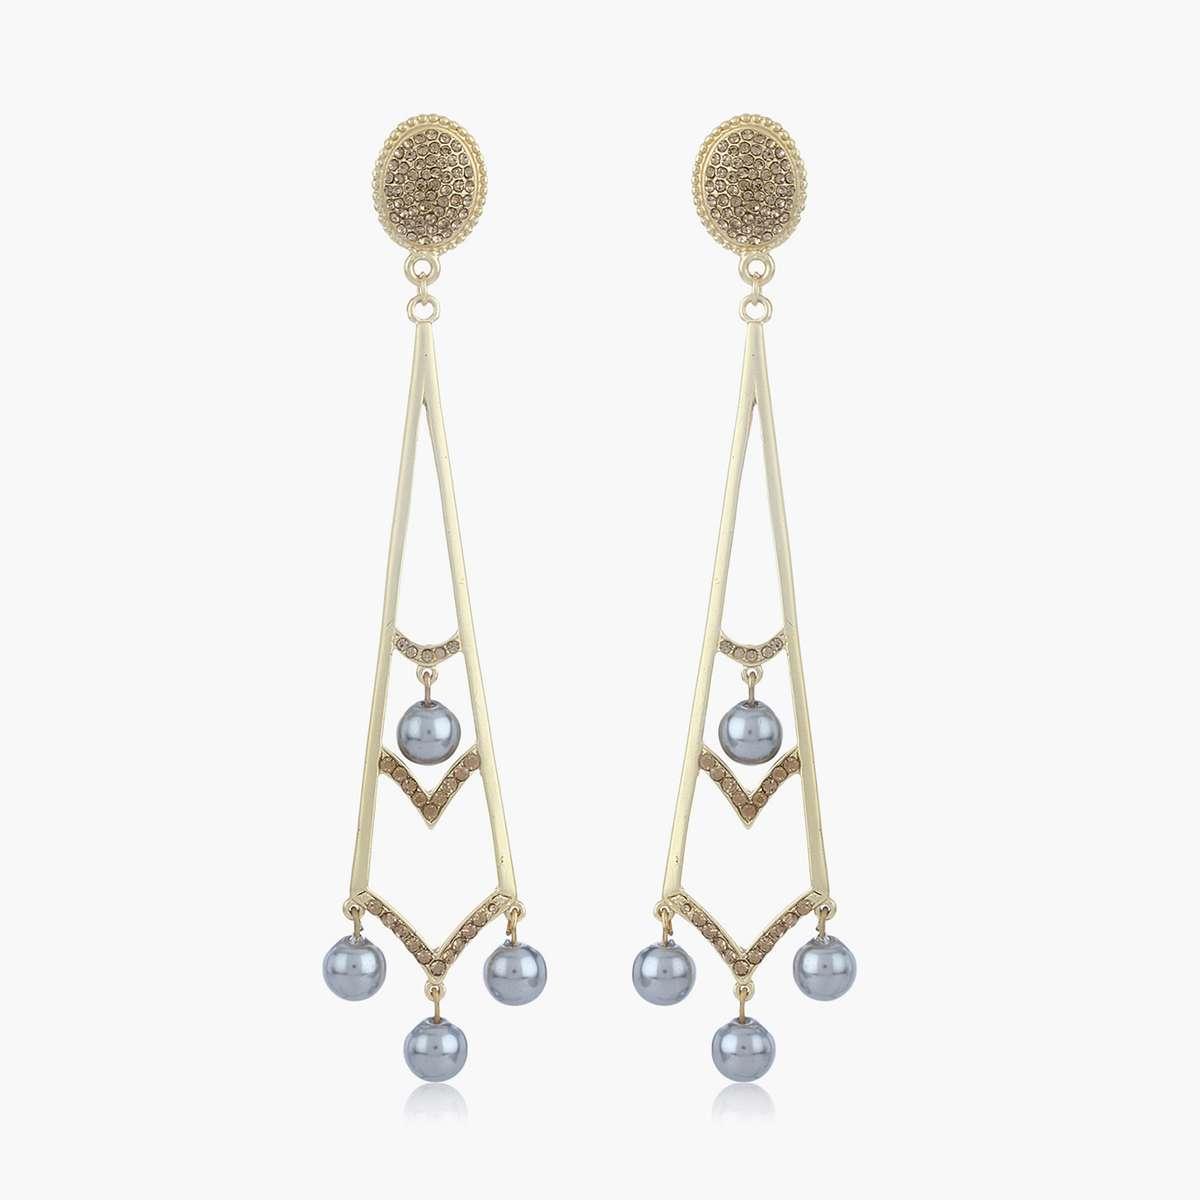 5.ESTELE Embellished Drop Earrings5.ESTELE Embellished Drop Earrings